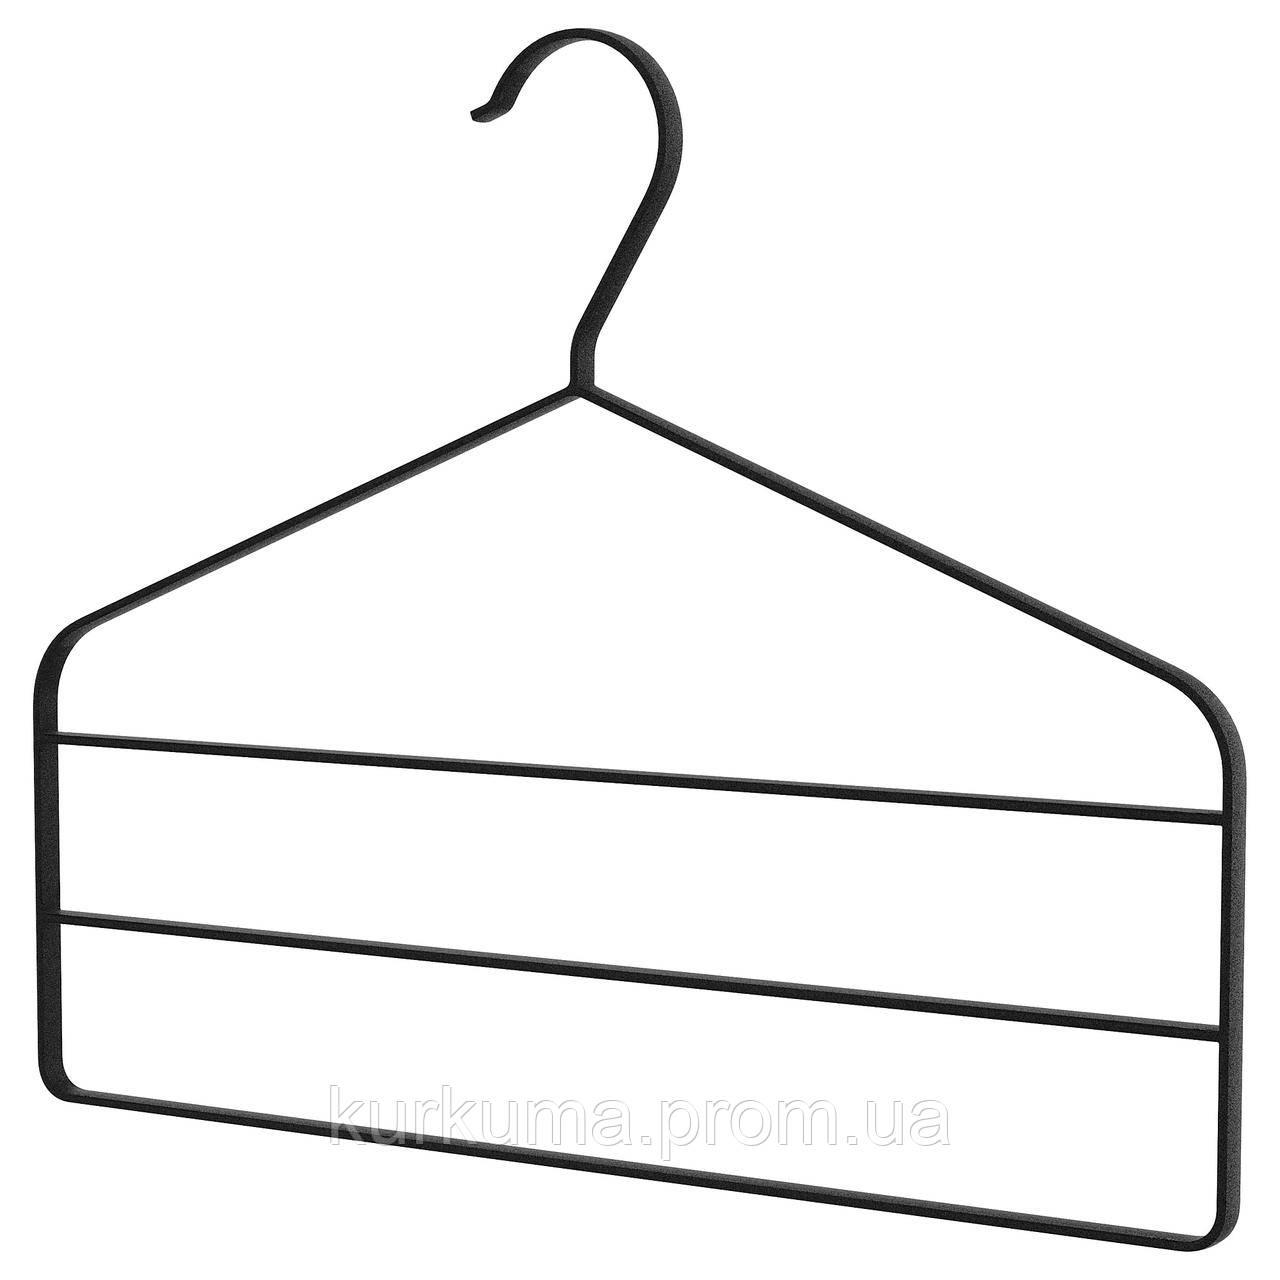 IKEA STRYKIS Вешалка для брюк, черная  (703.170.67)